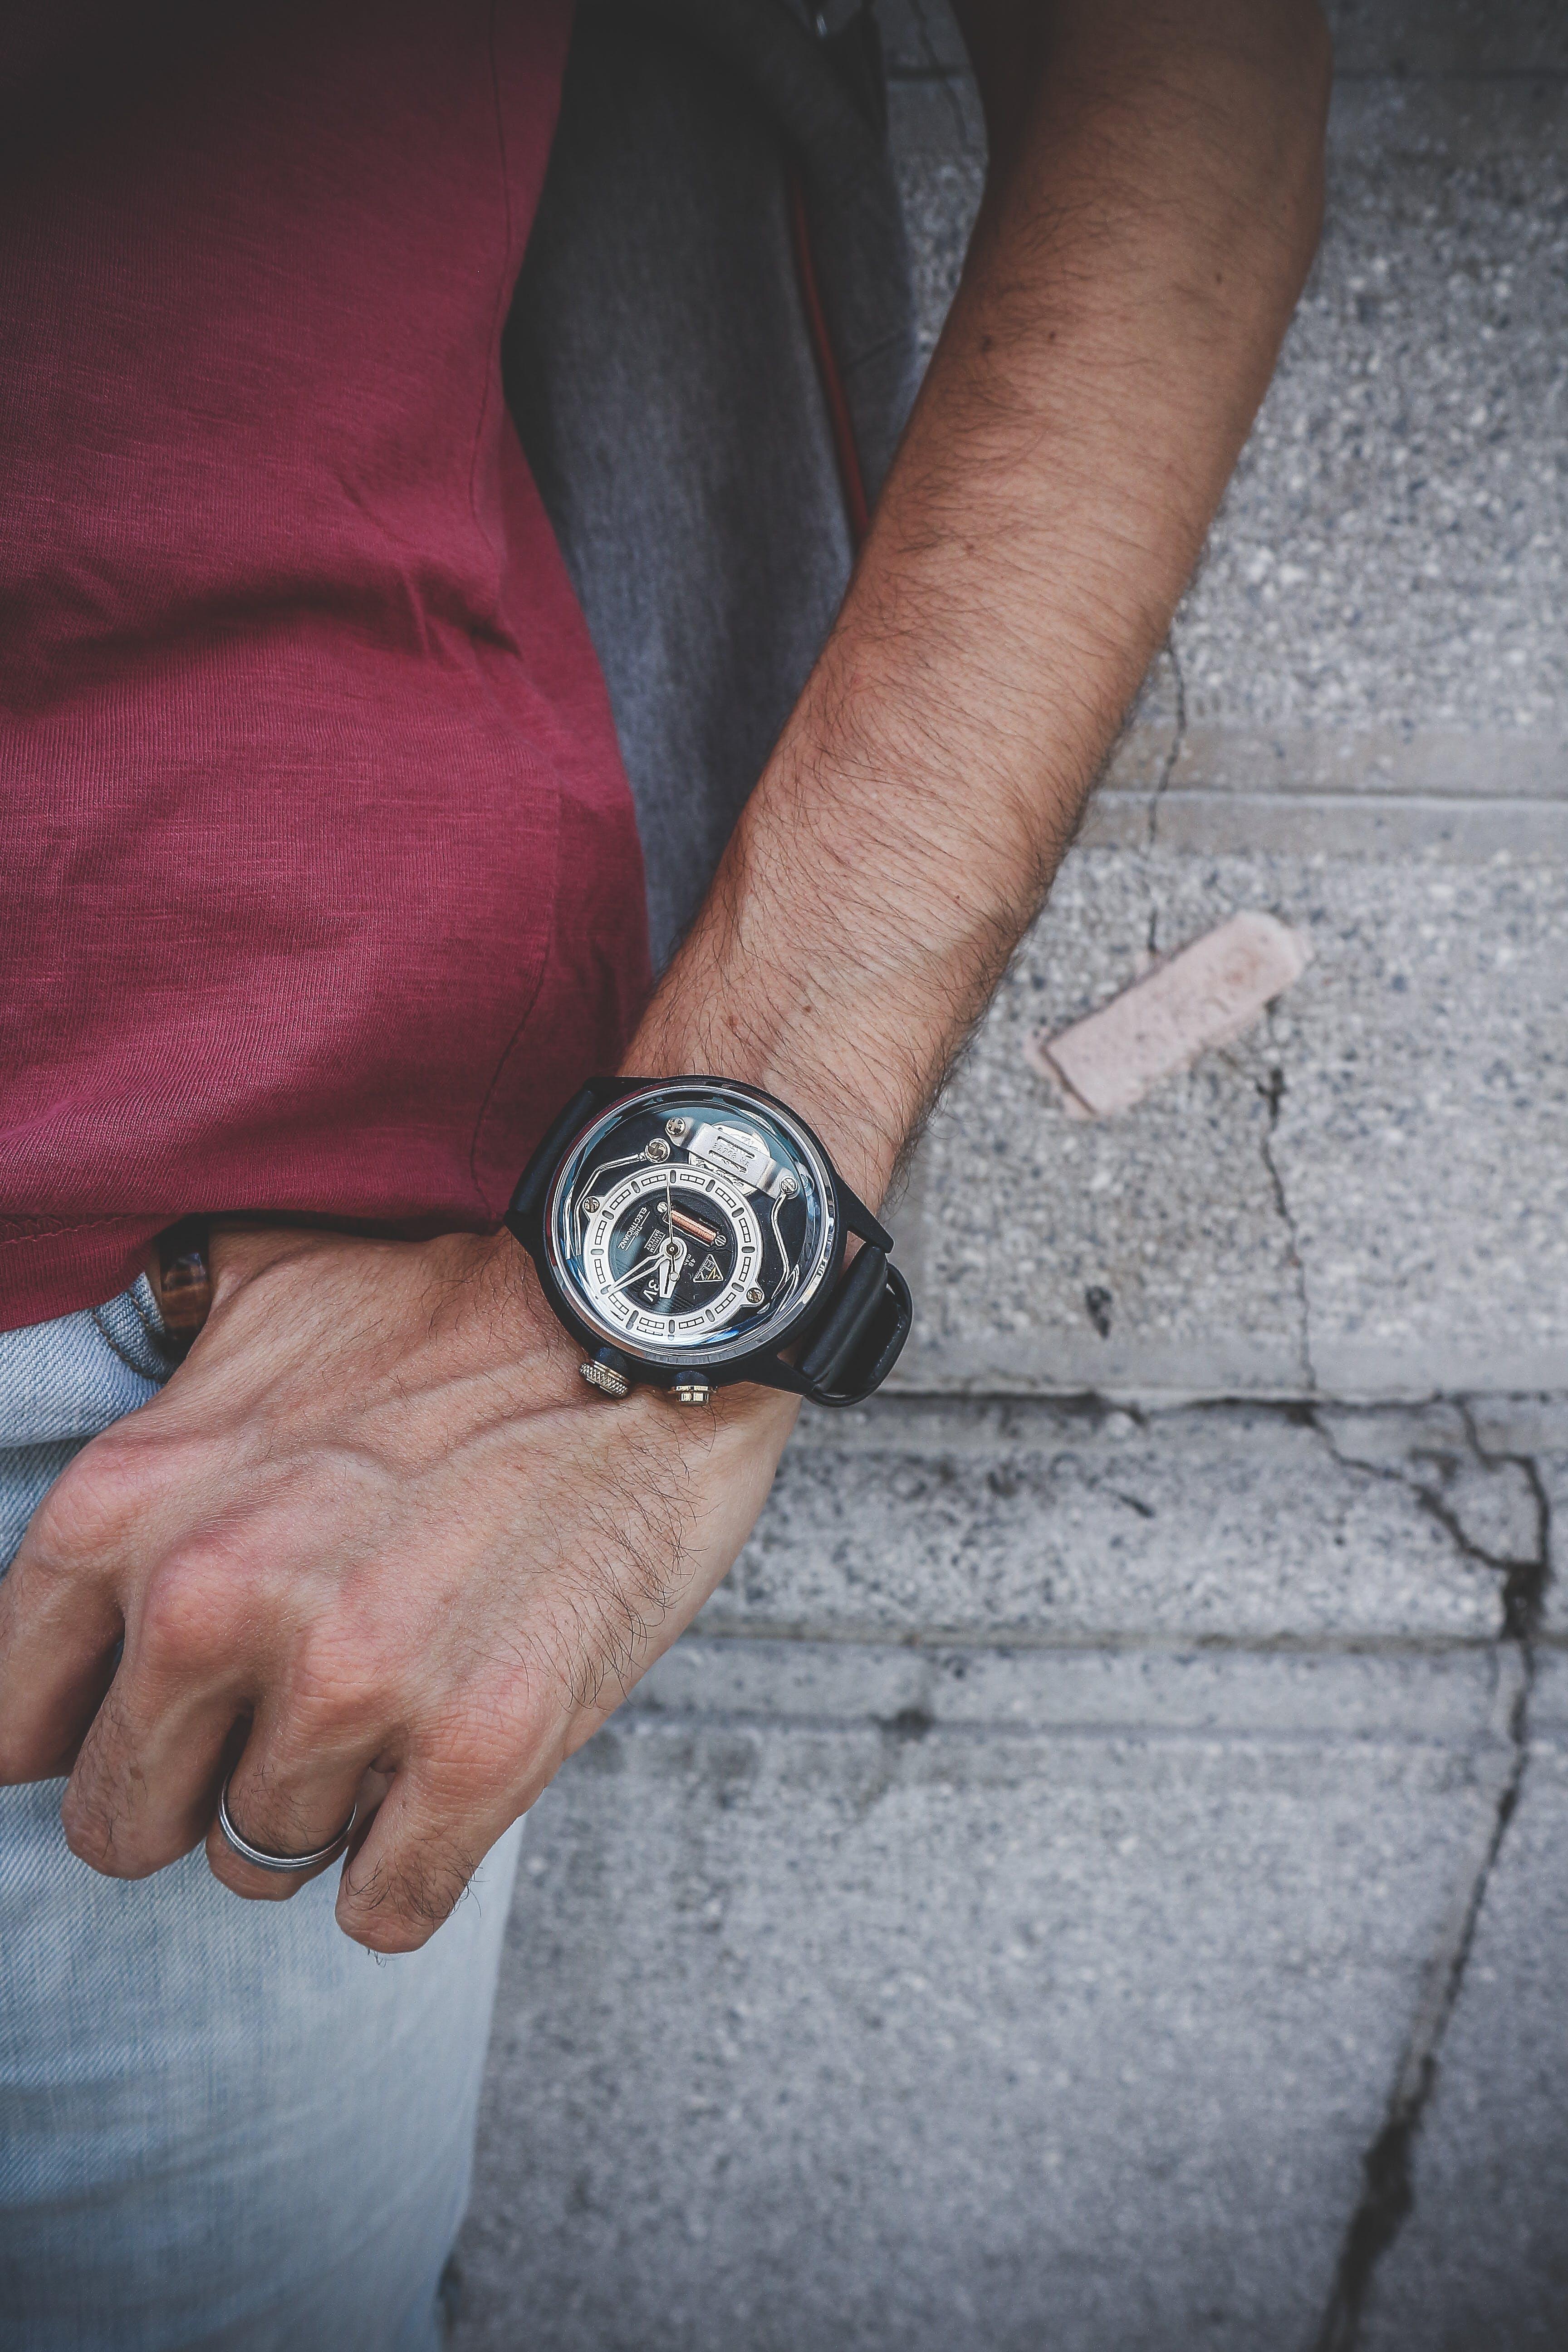 čas, časovač, človek